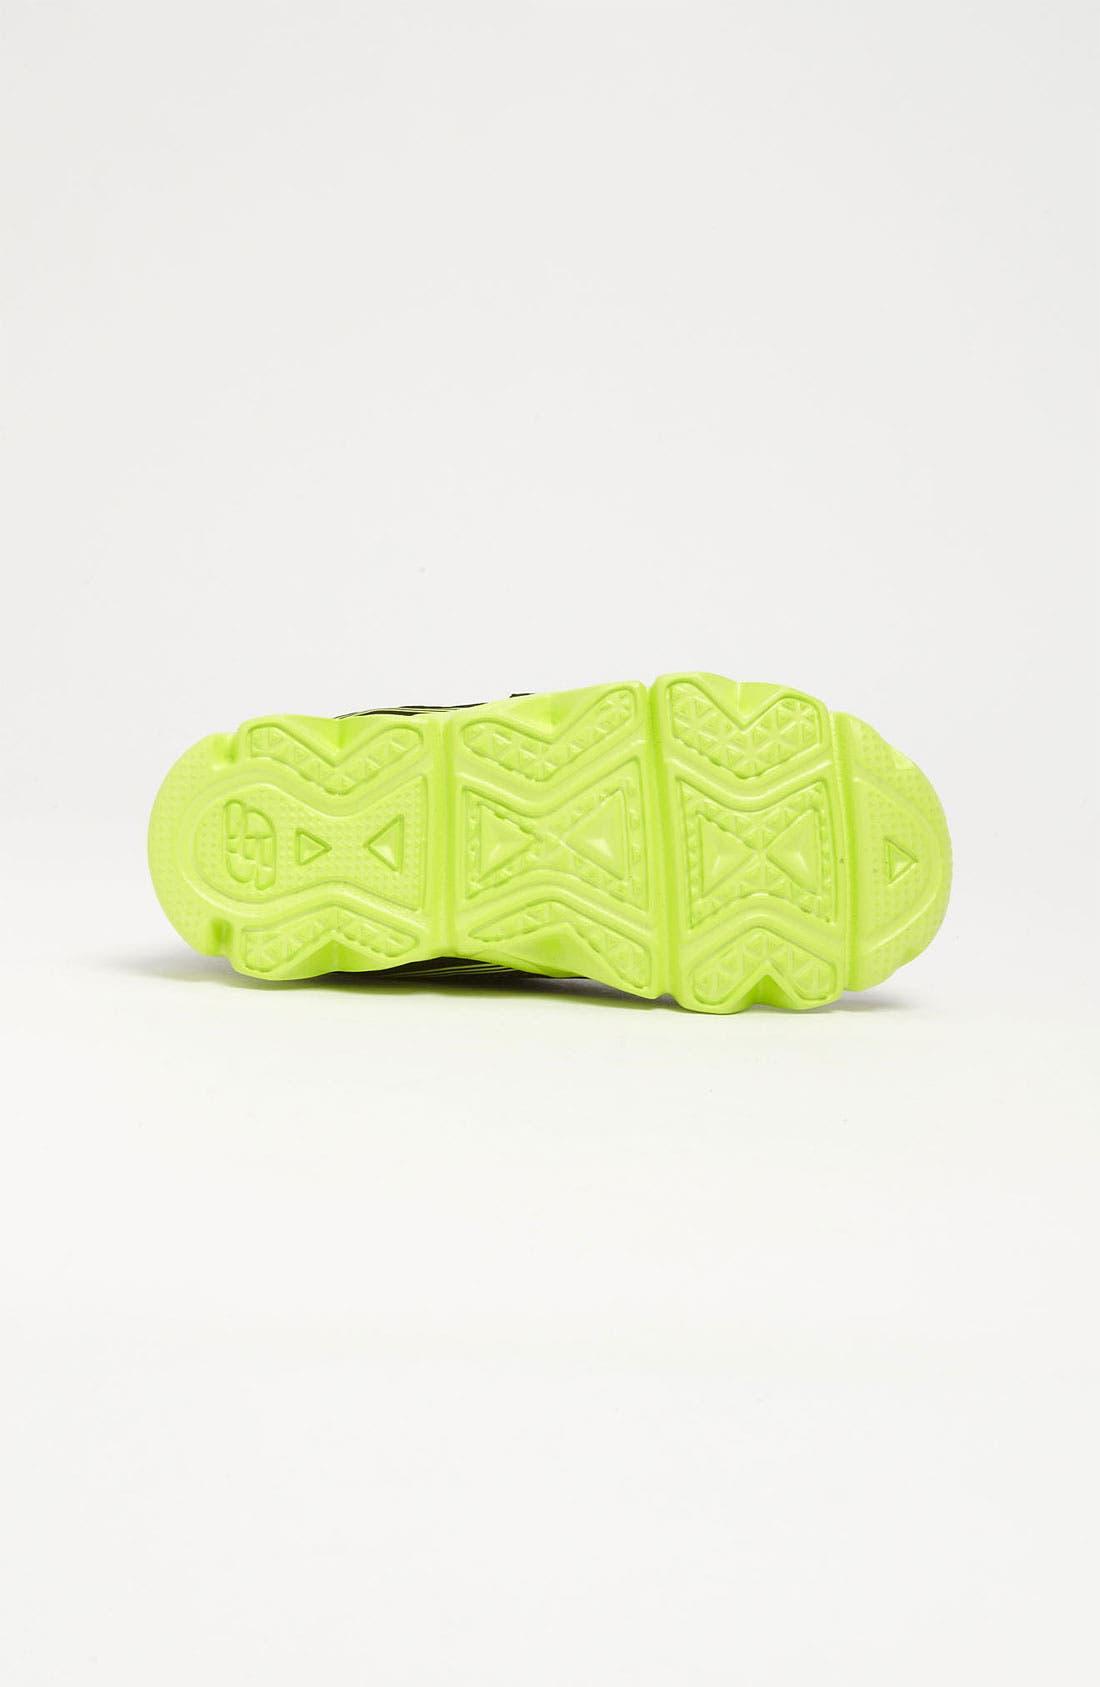 Alternate Image 4  - SKECHERS 'S Lights - Datarox' Light-Up Sneaker (Toddler & Little Kid)